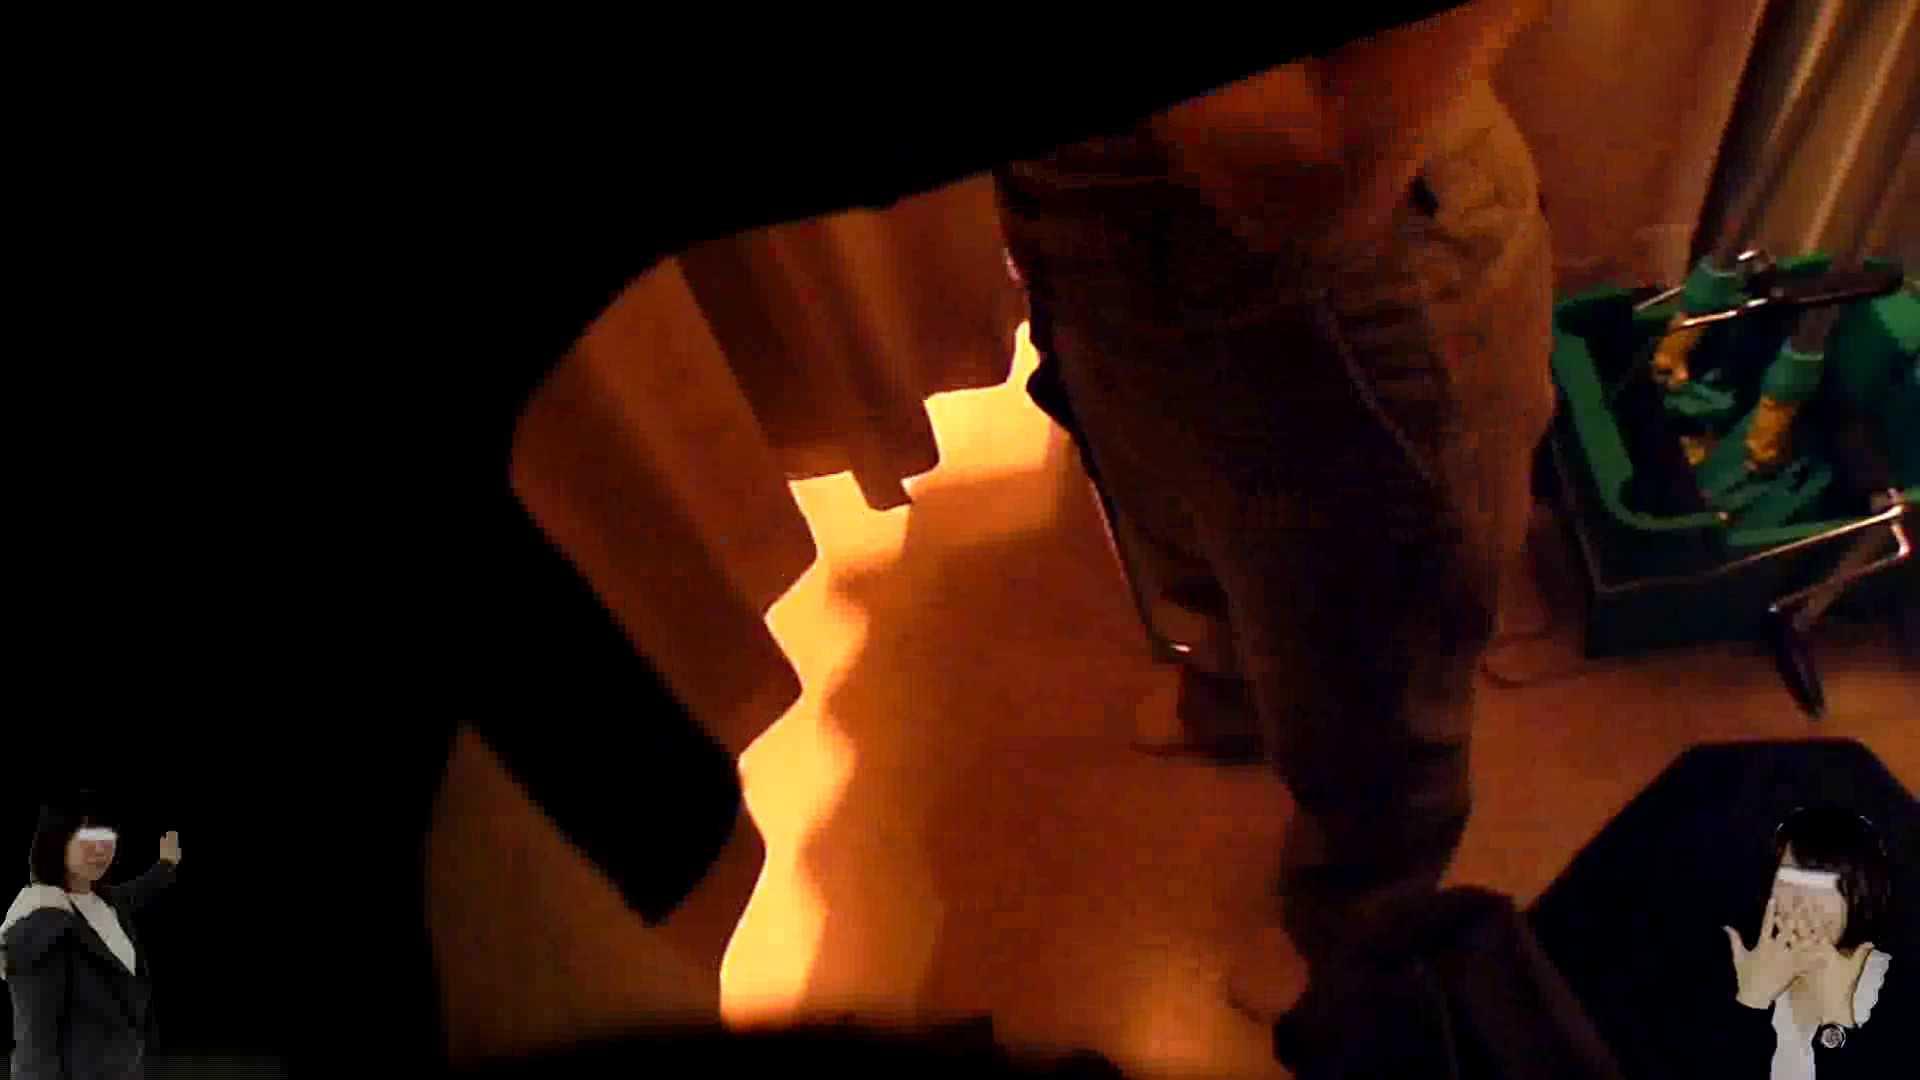 素人投稿 現役「JD」Eちゃんの着替え Vol.04 女子着替え | 投稿  65pic 26